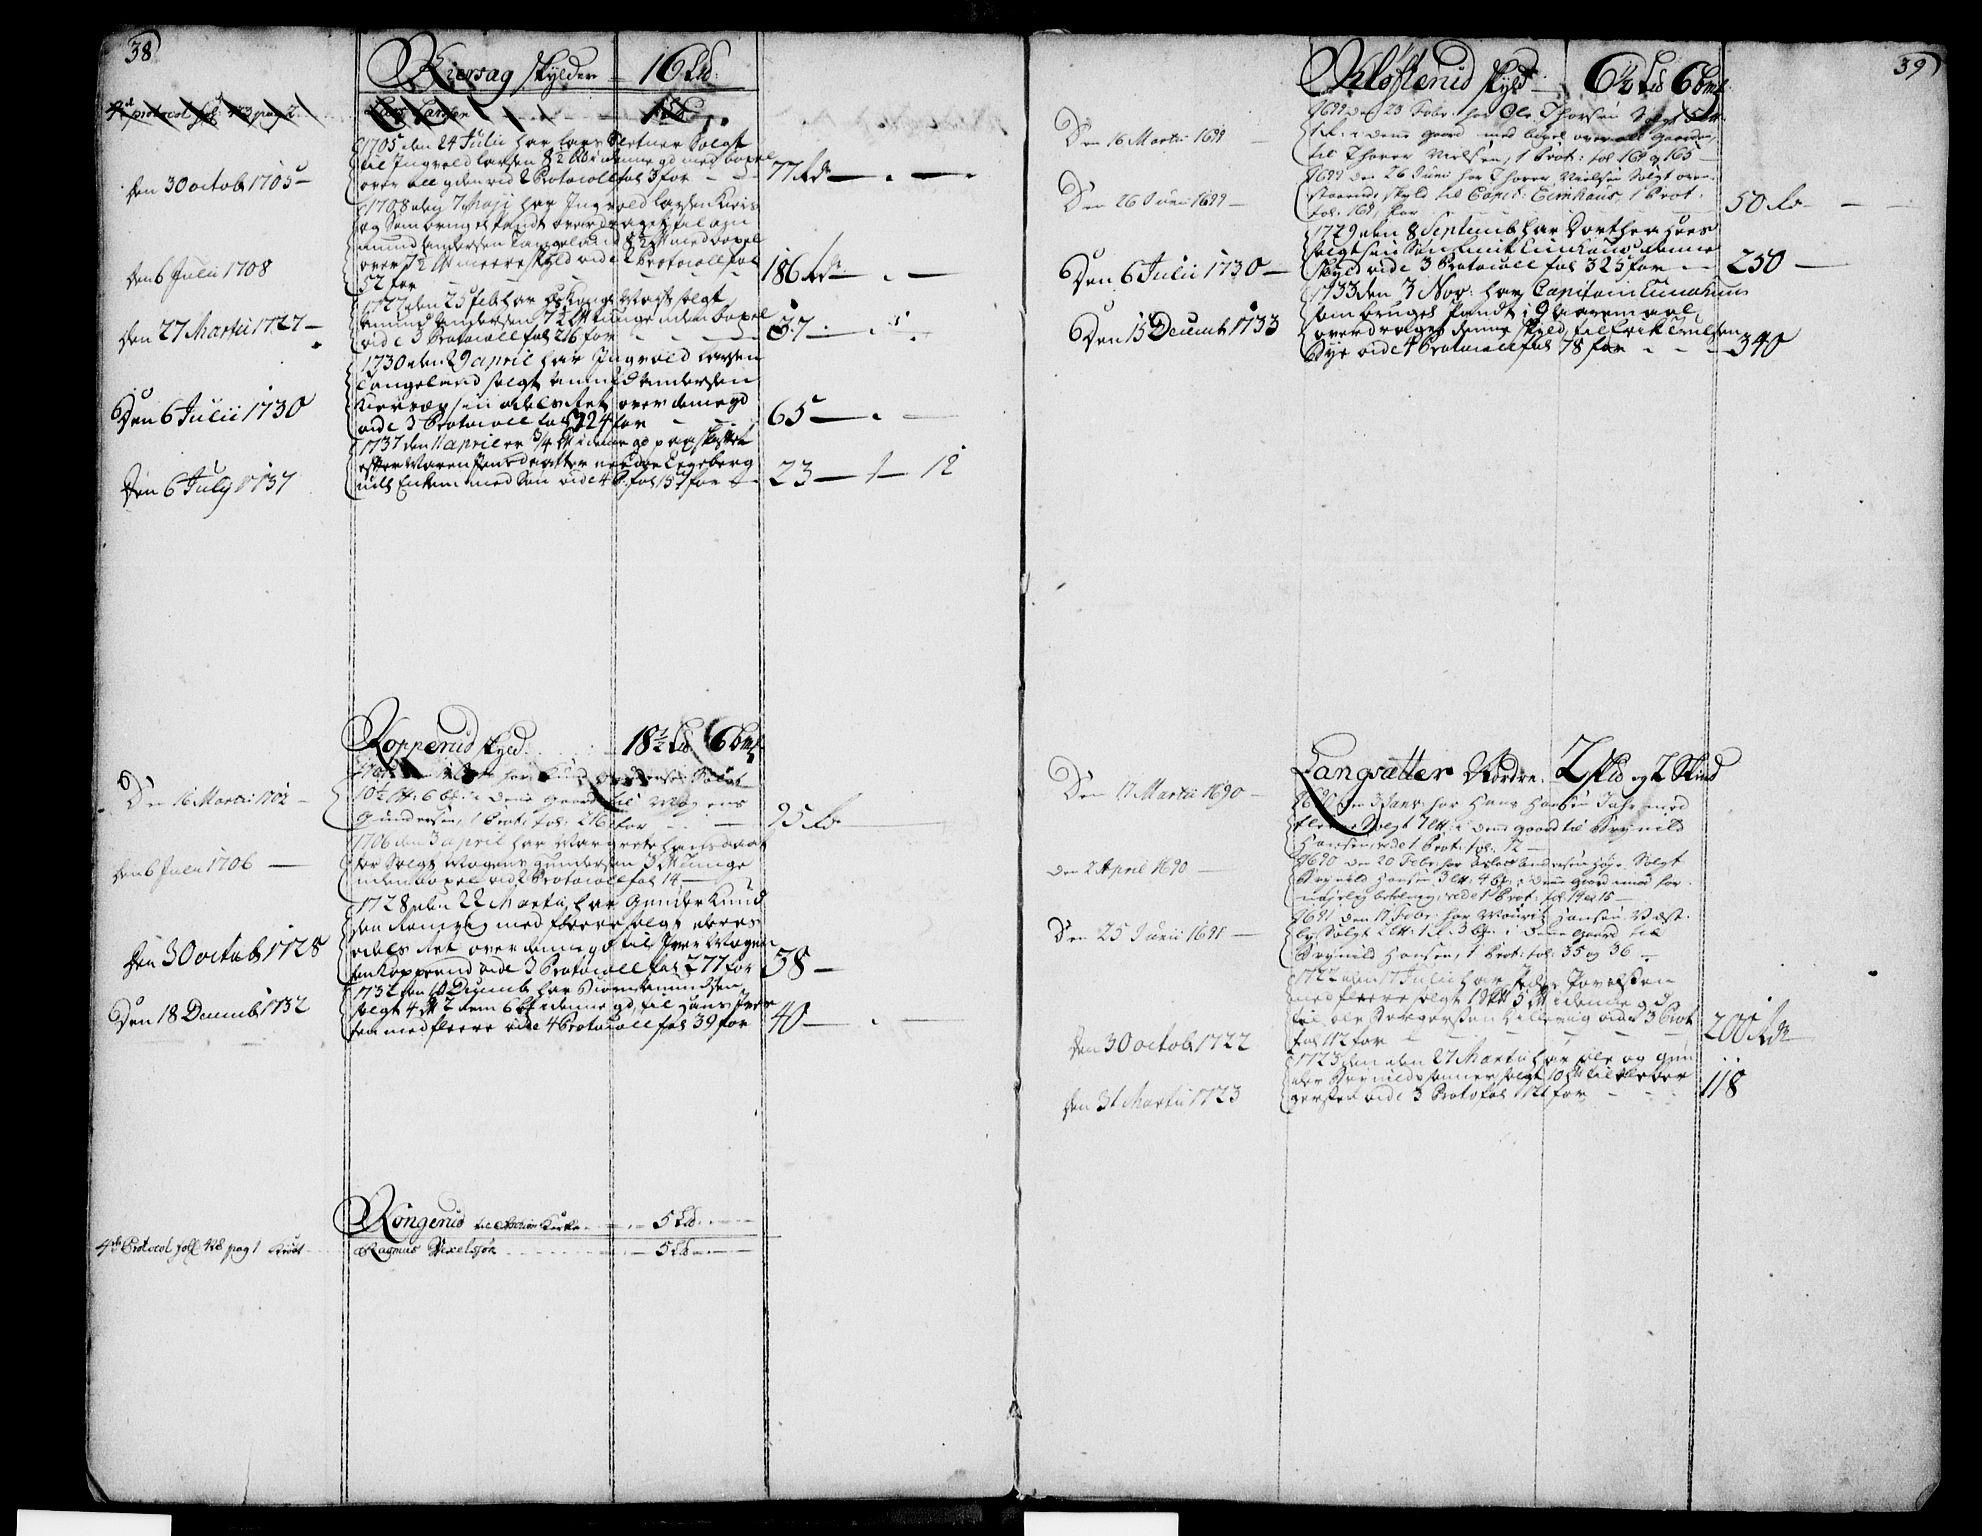 SAO, Heggen og Frøland sorenskriveri I, G/Ga/L0001: Panteregister nr. 1, 1689-1737, s. 38-39